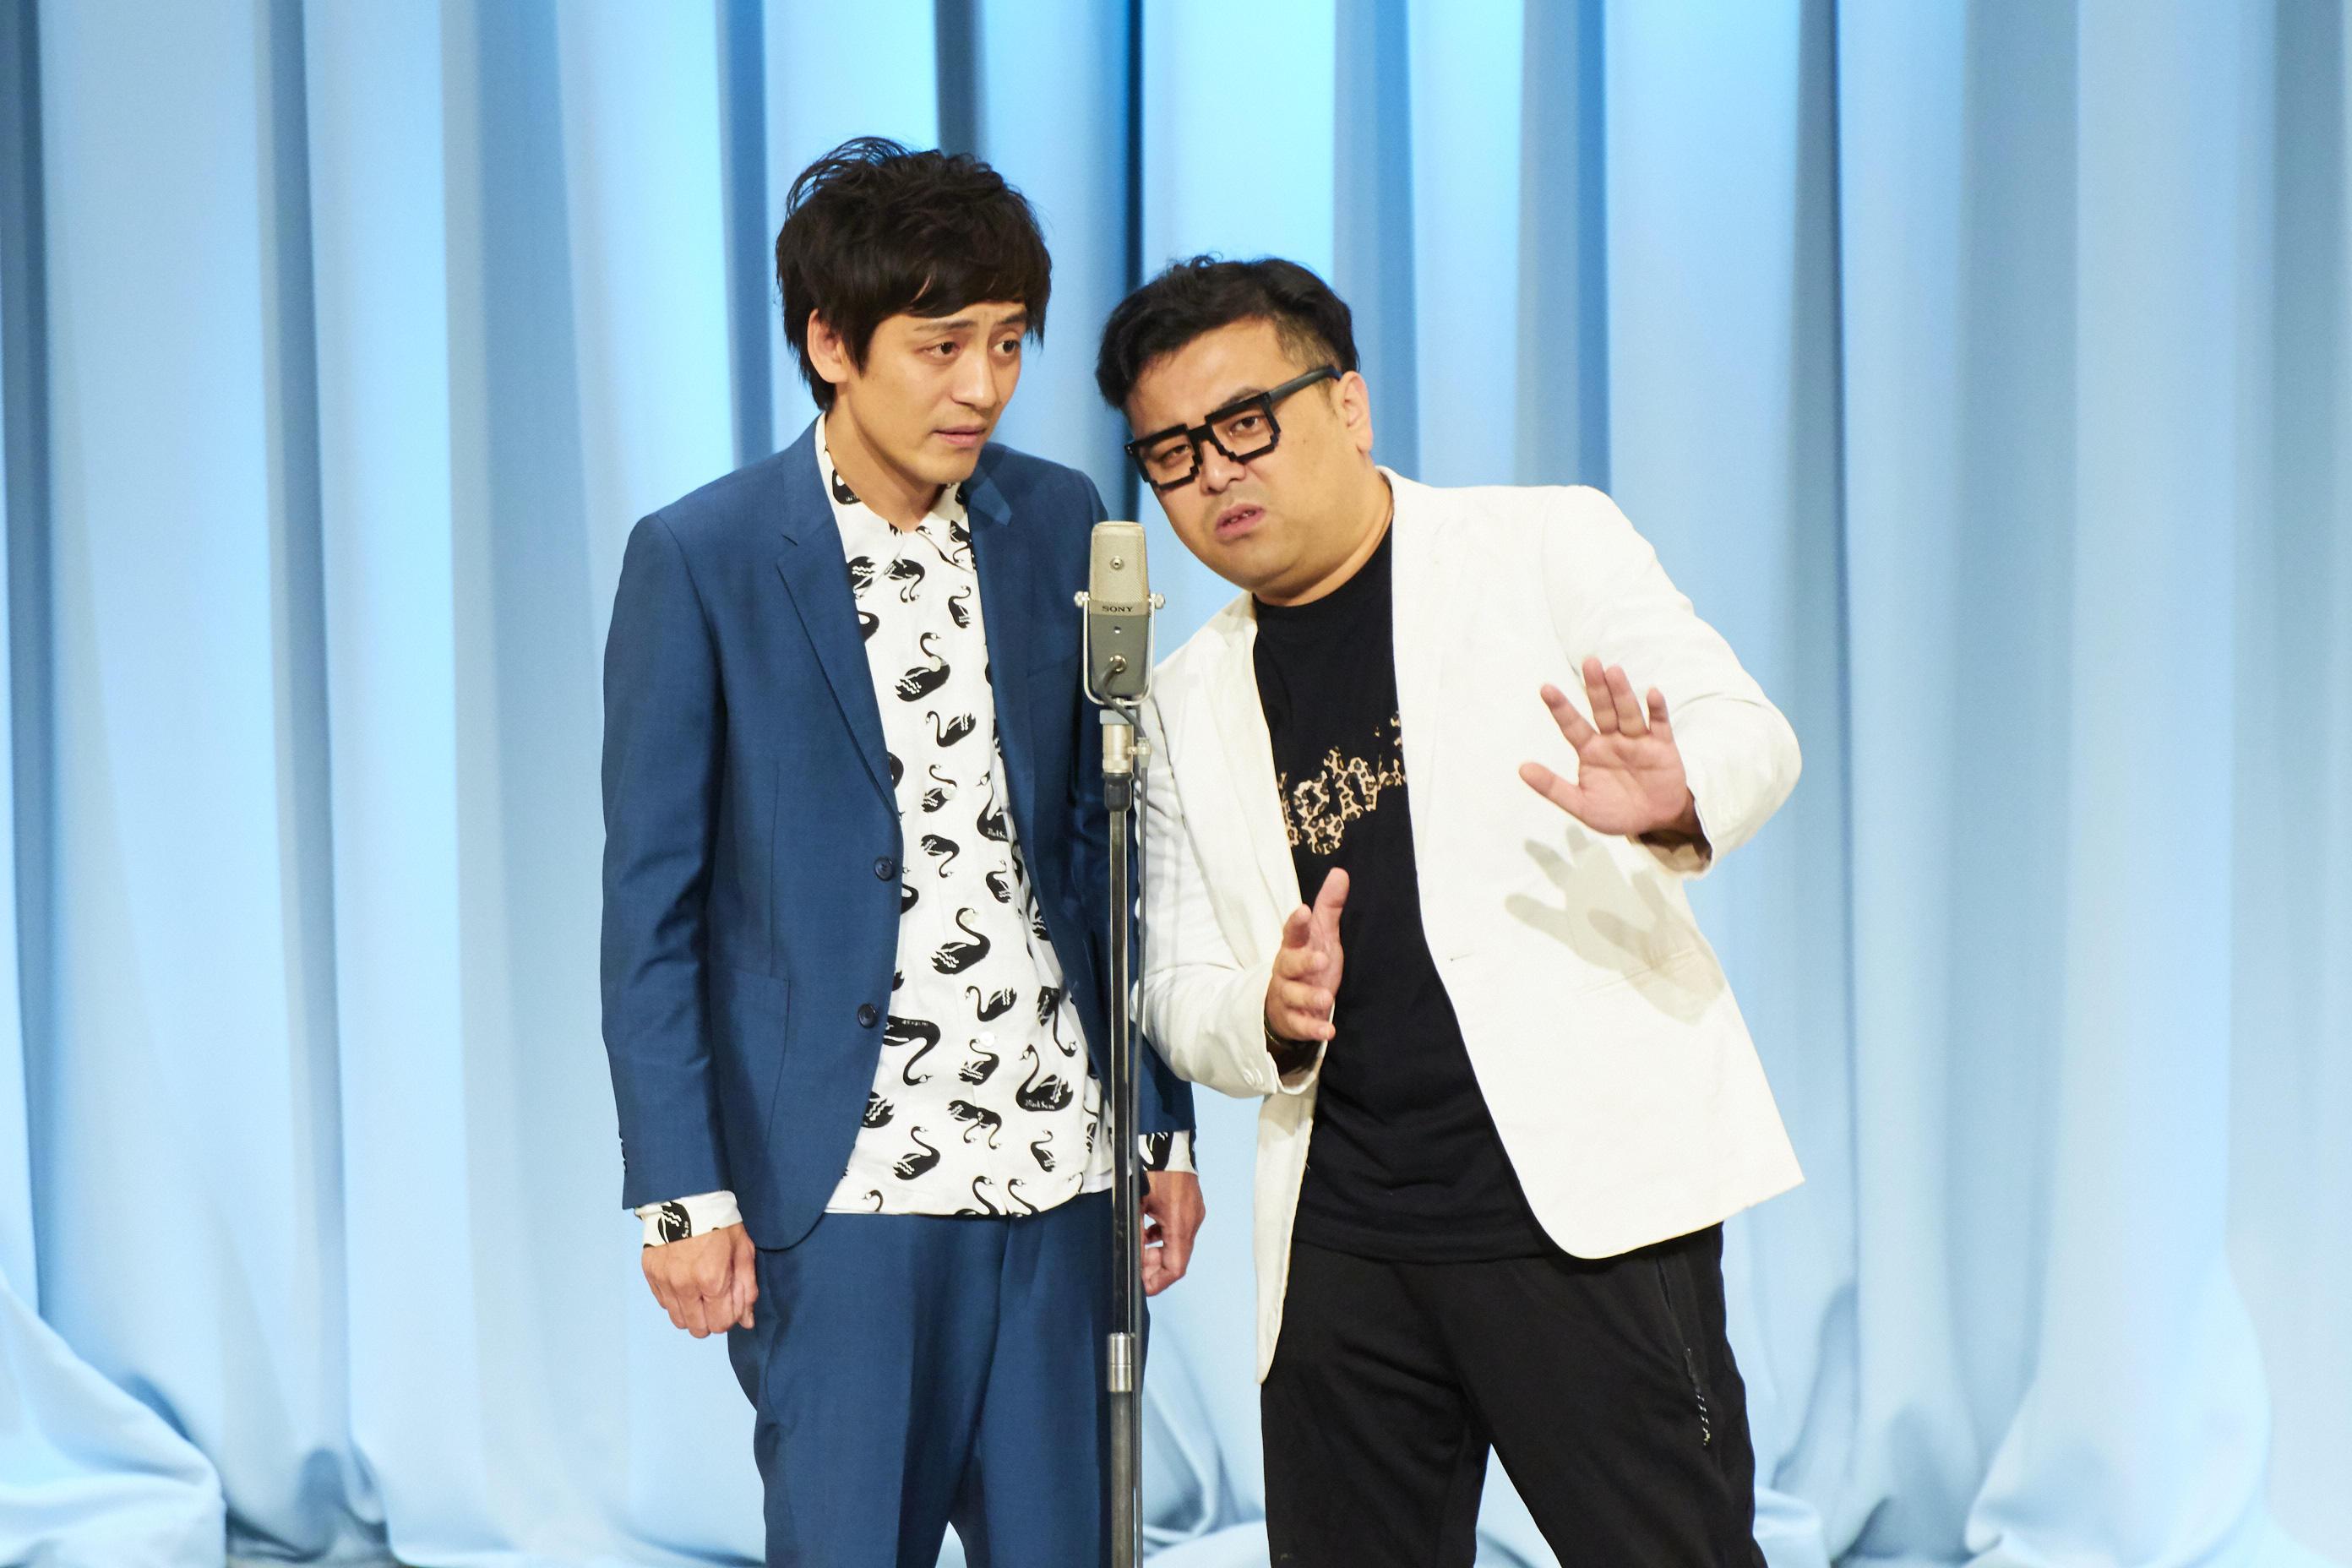 http://news.yoshimoto.co.jp/20180516003459-98e028d76f105c10429da3a81c936d7914c2fd0b.jpg